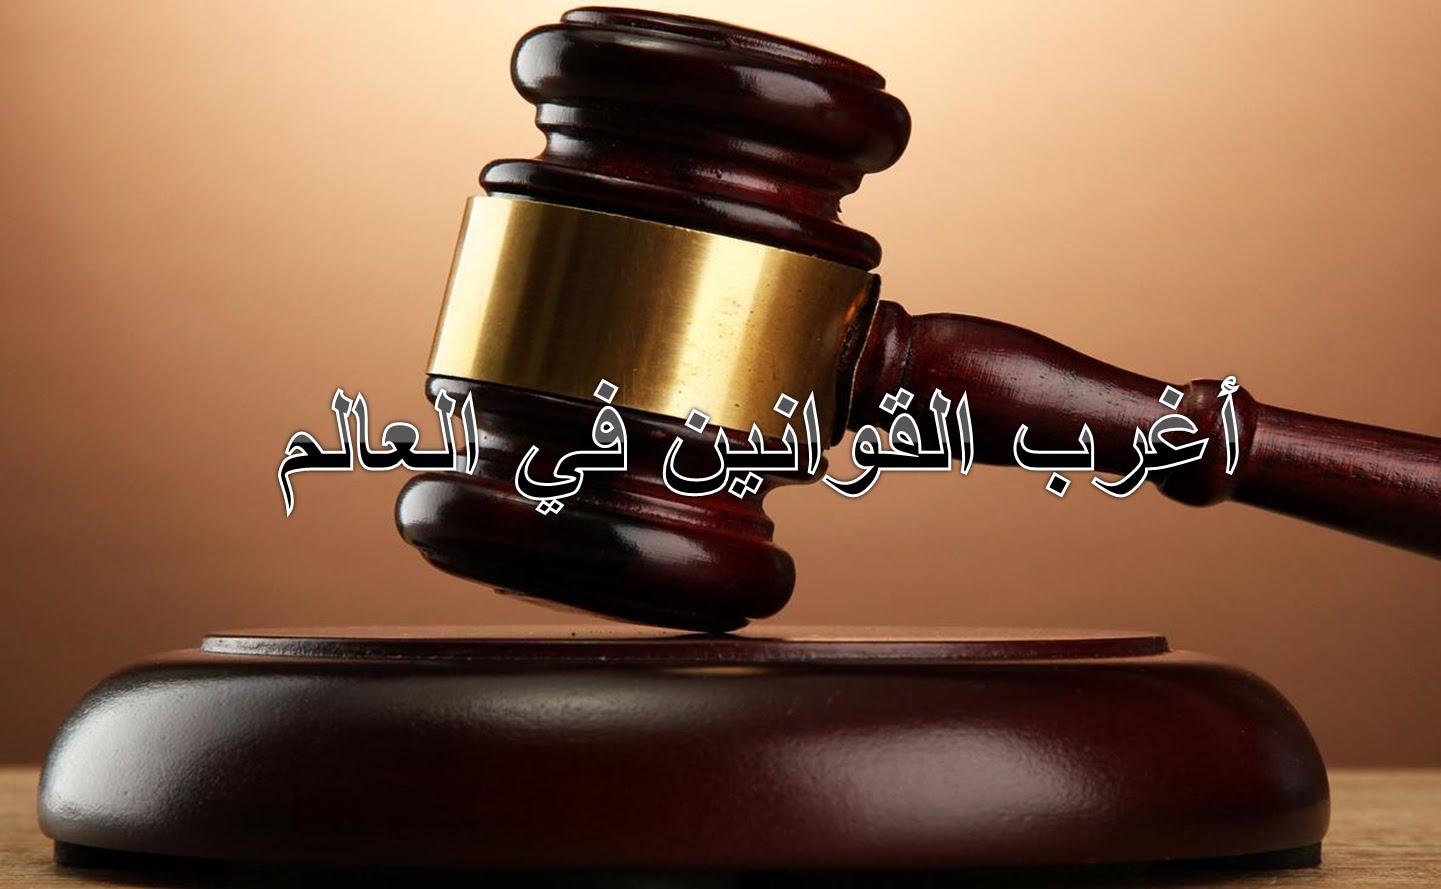 صورة تعرف على عادات وقوانين غريبة لبعض البلدان، اغرب القوانين في العالم